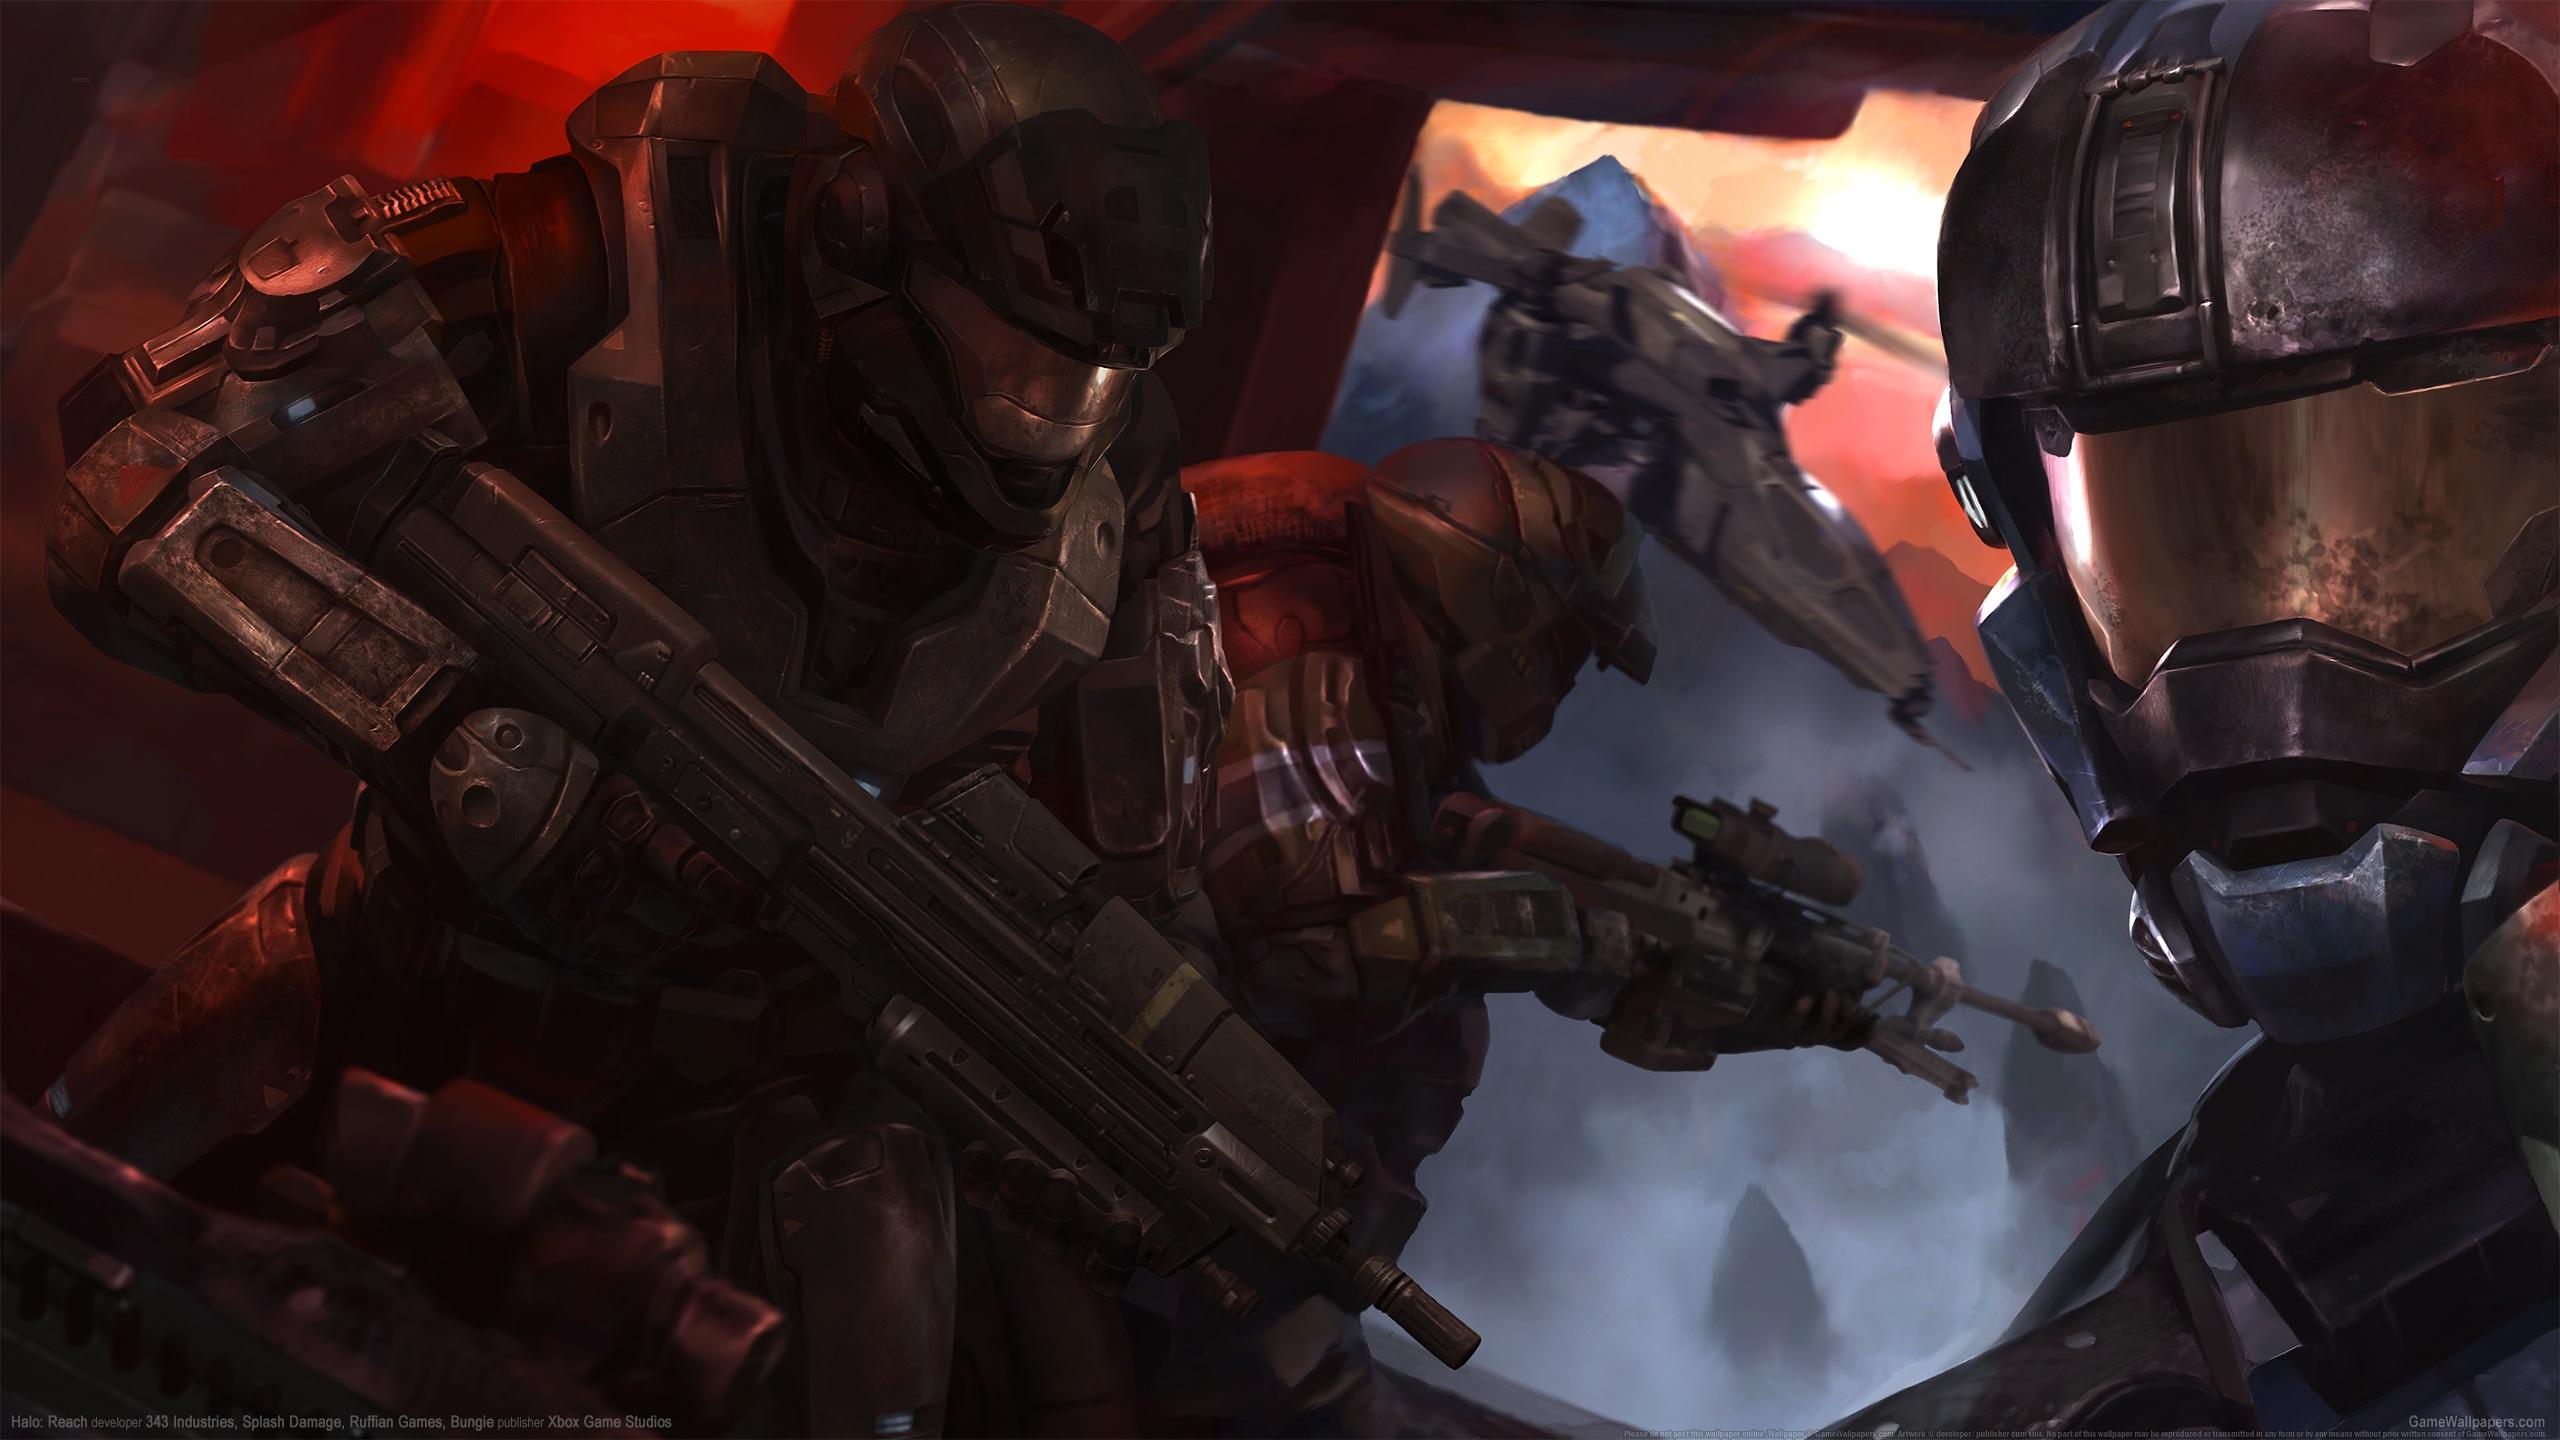 Halo: Reach 2560x1440 fondo de escritorio 09